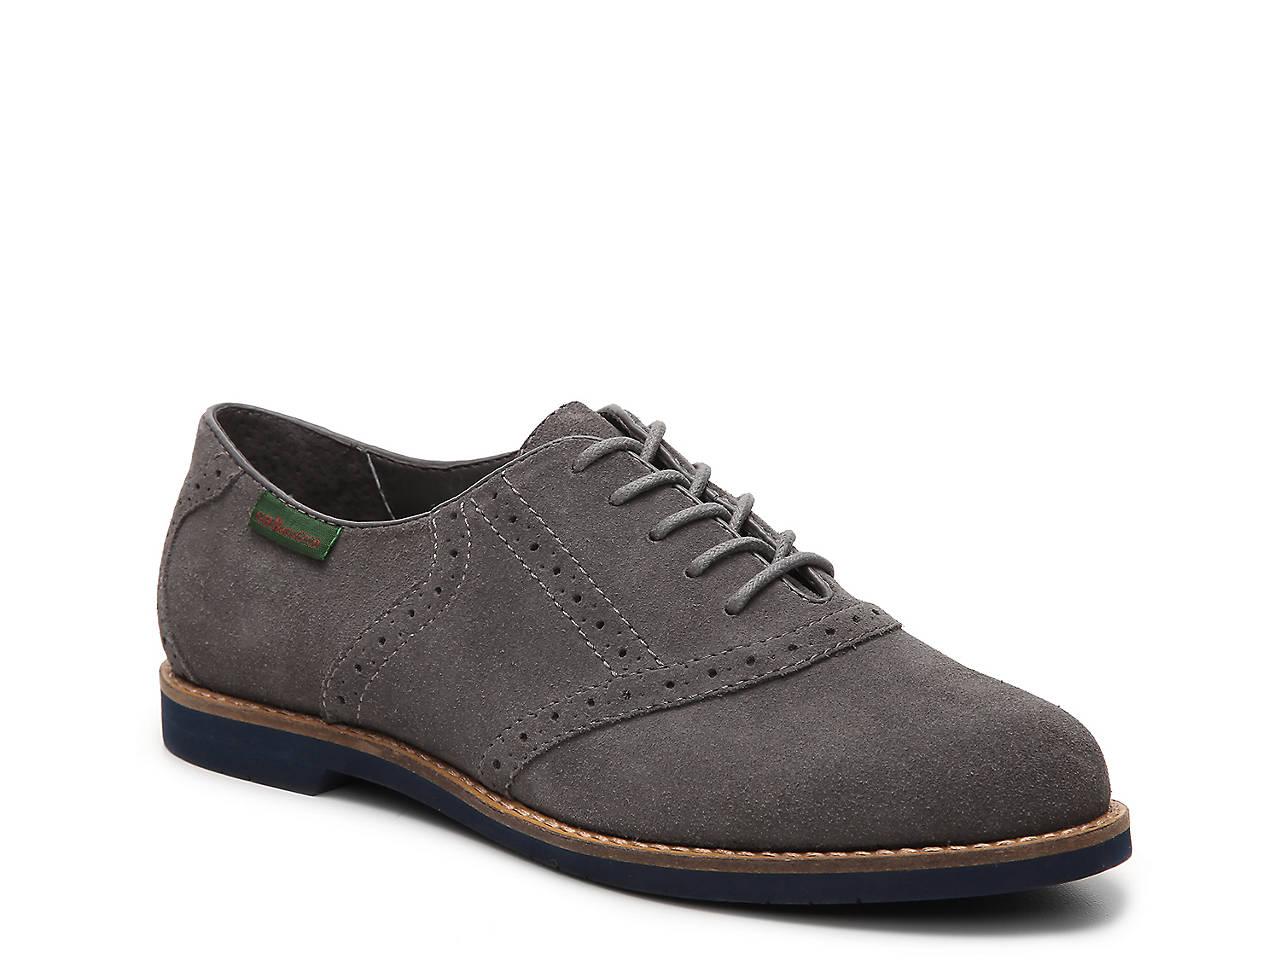 e29d9bb4a63 G.H. Bass   Co. Enfield Oxford Women s Shoes